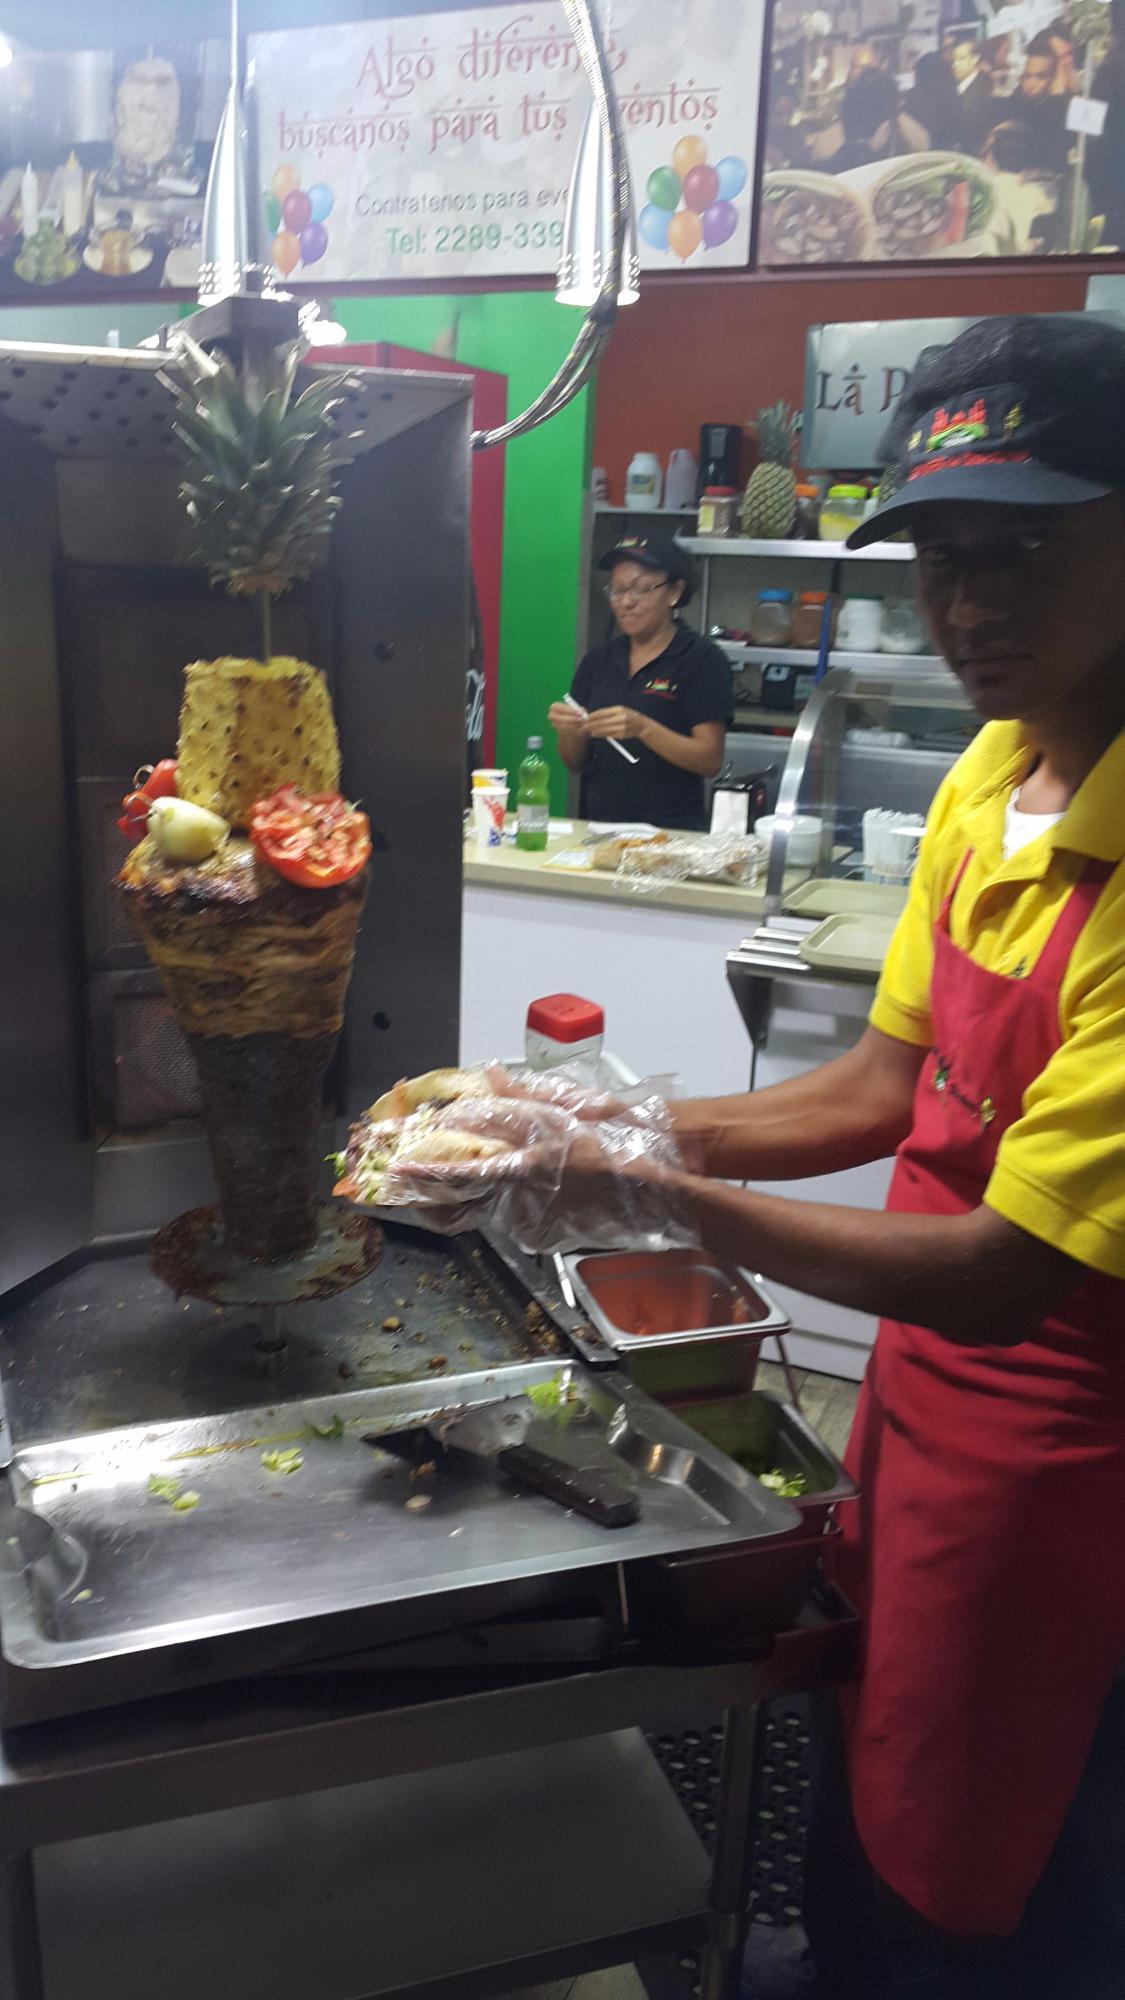 La Parada del Shawarma